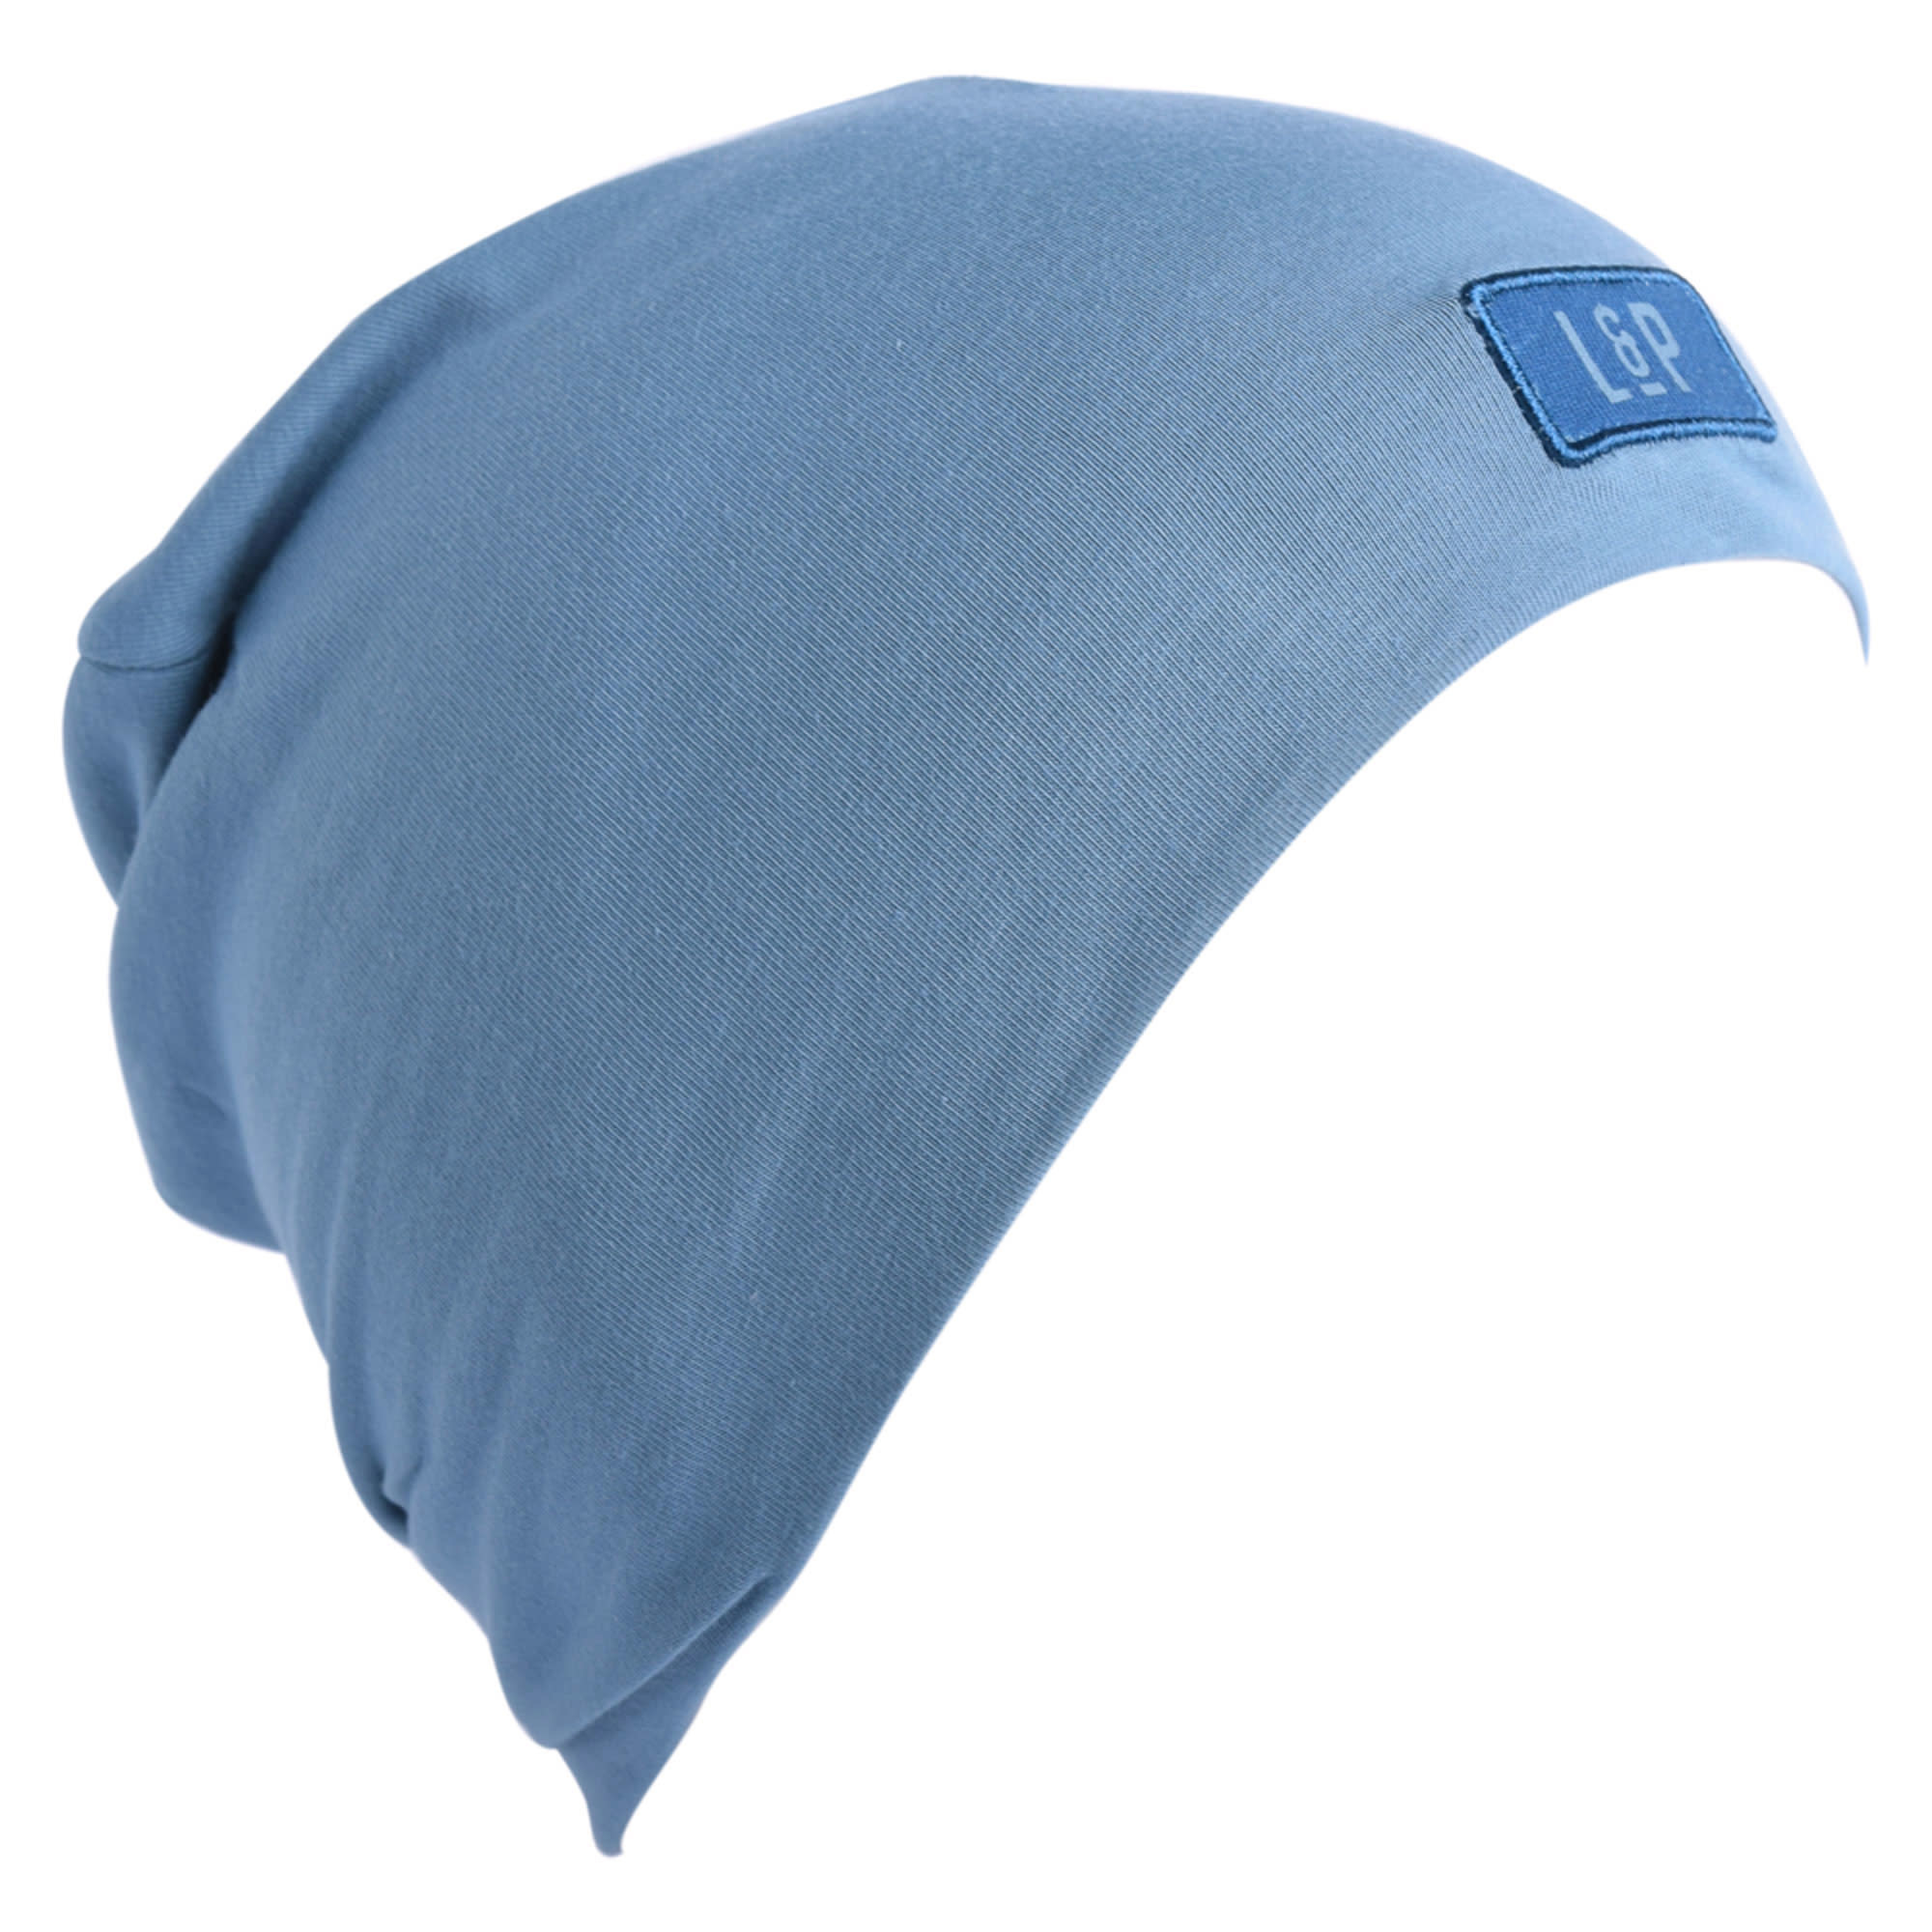 Tuque Coton - BOSTON V20 Bleu Mer-5